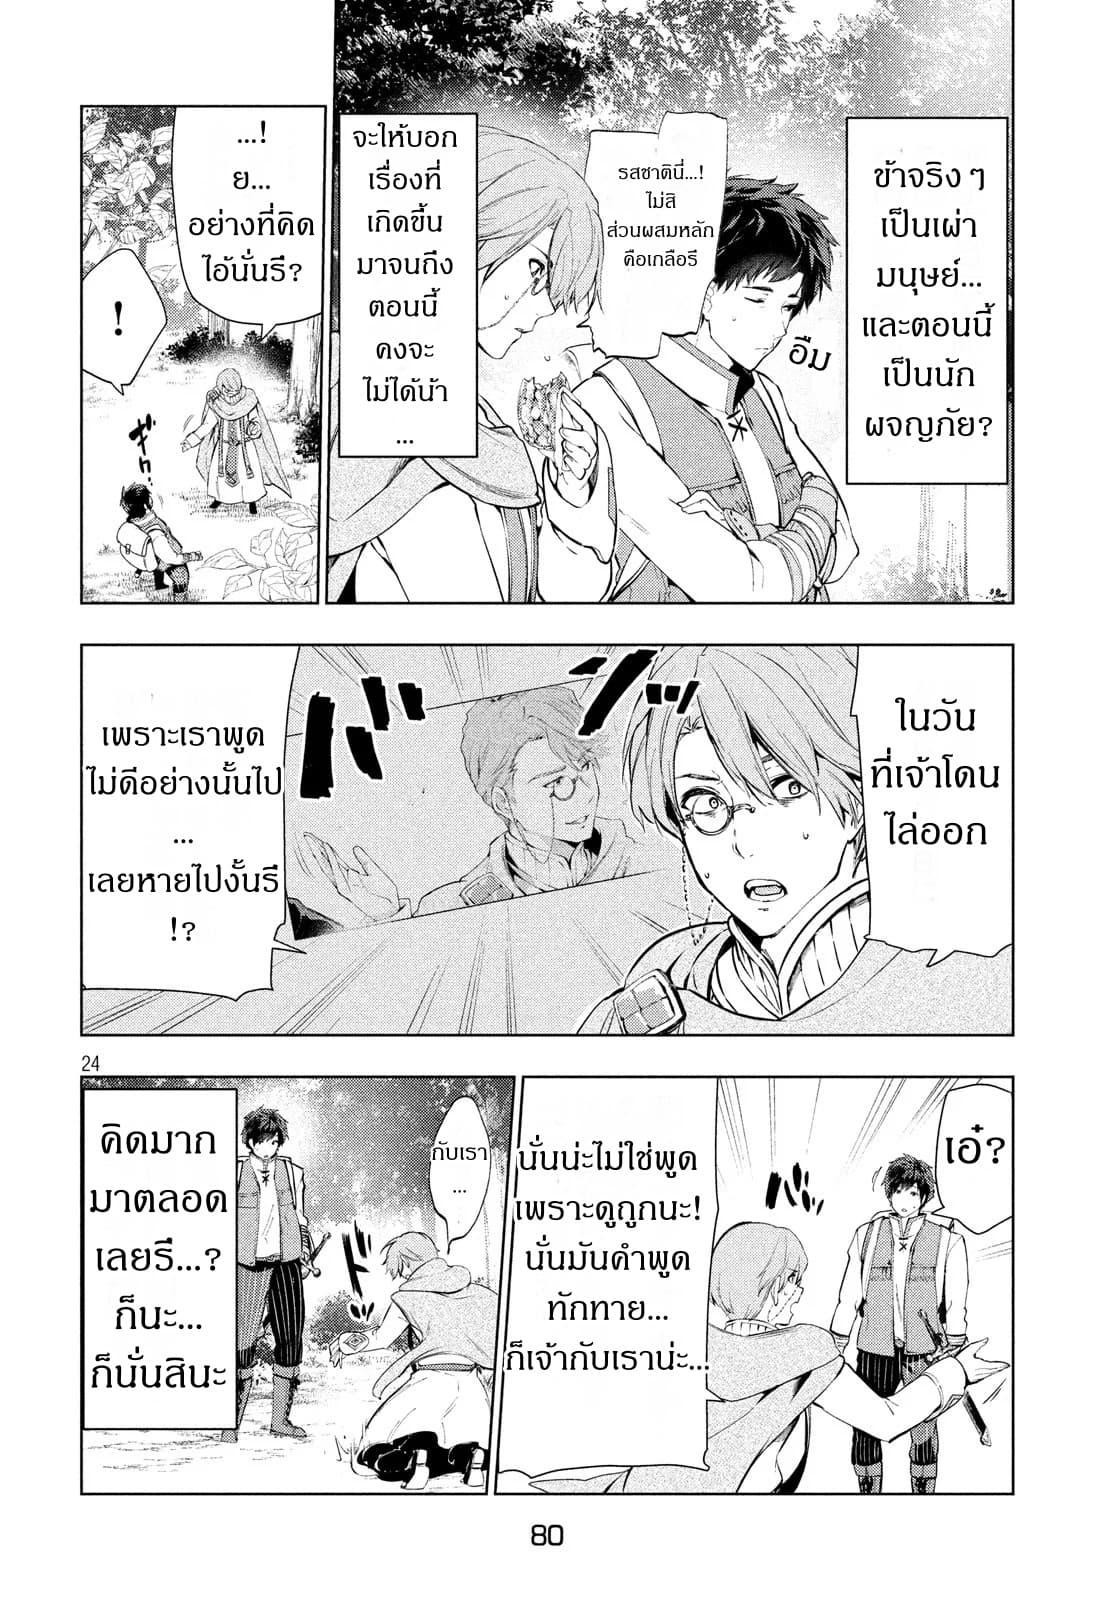 อ่านการ์ตูน Kaiko sareta Ankoku Heishi (30-dai) no Slow na Second ตอนที่ 8.2 หน้าที่ 4